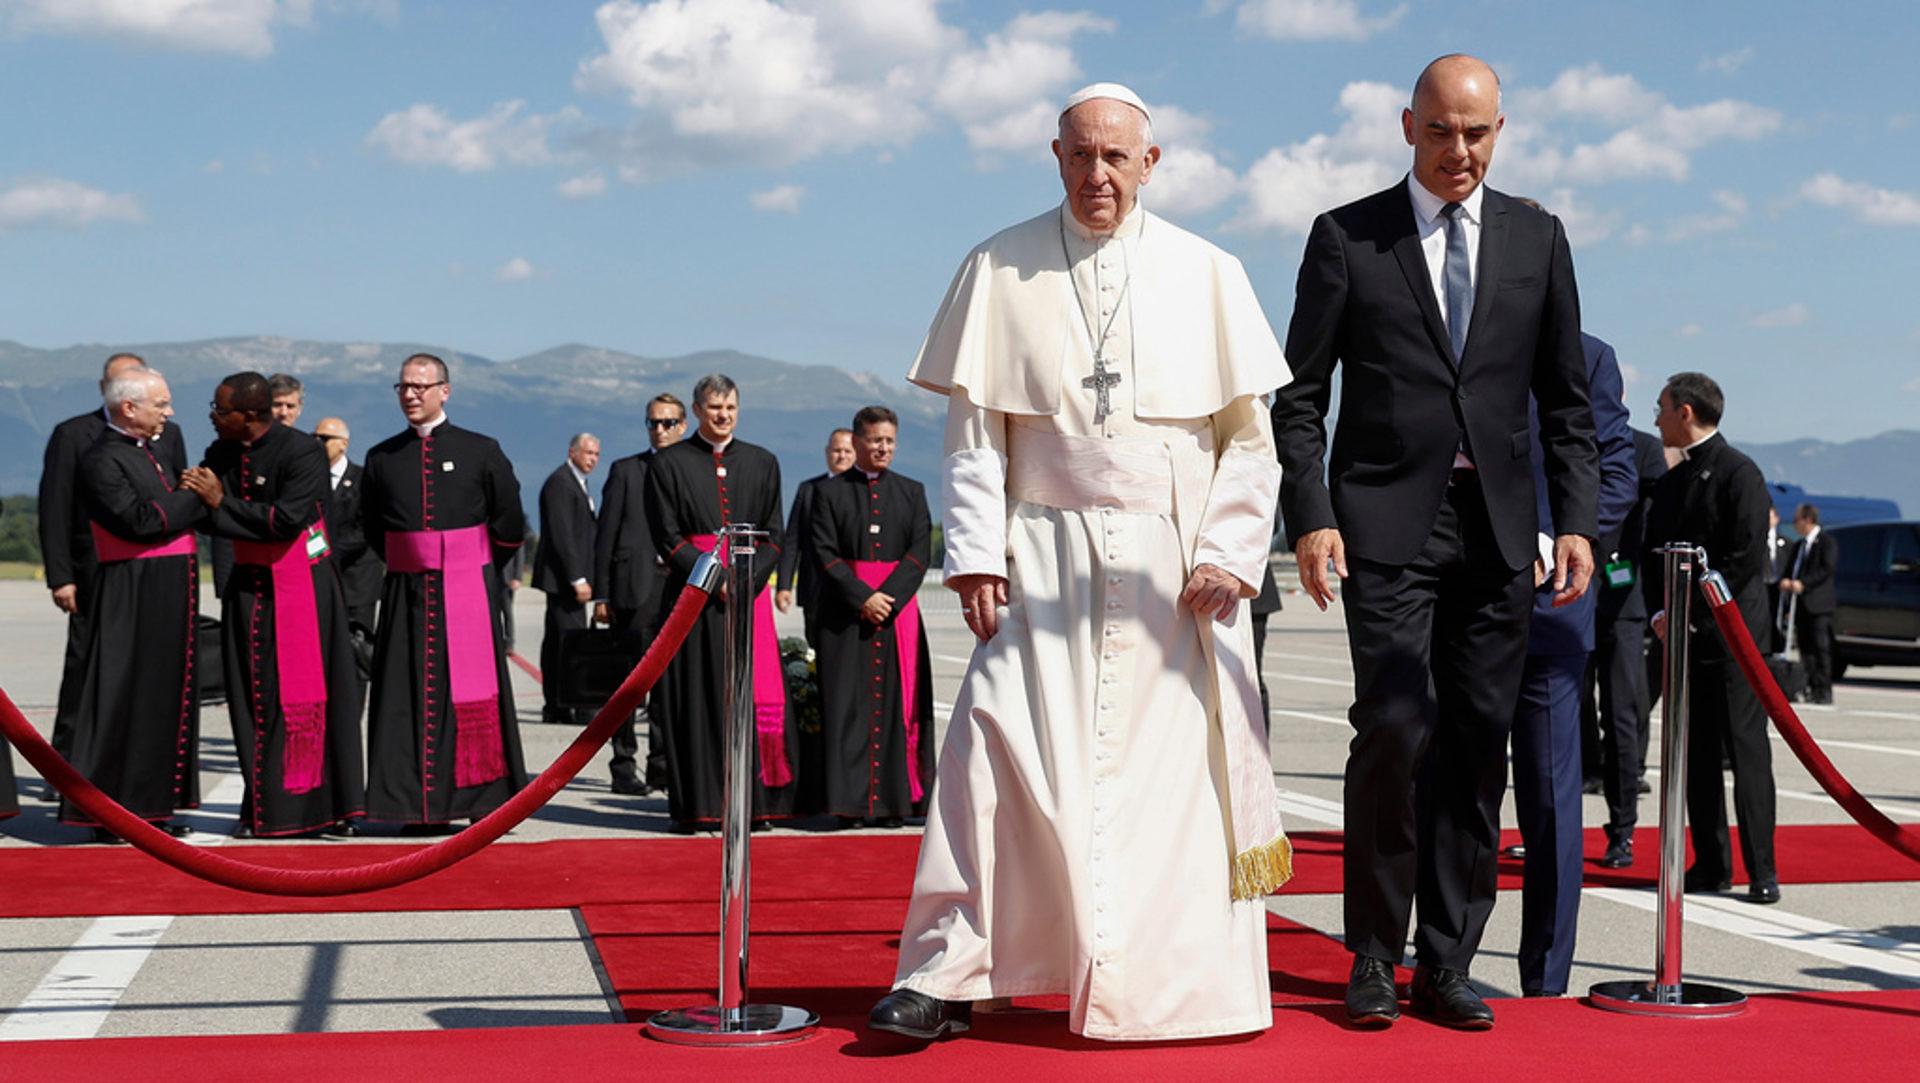 Papst Franziskus mit Bundesrat Alain Berset bei der Ankunft am Flughafen Genf | © Keystone